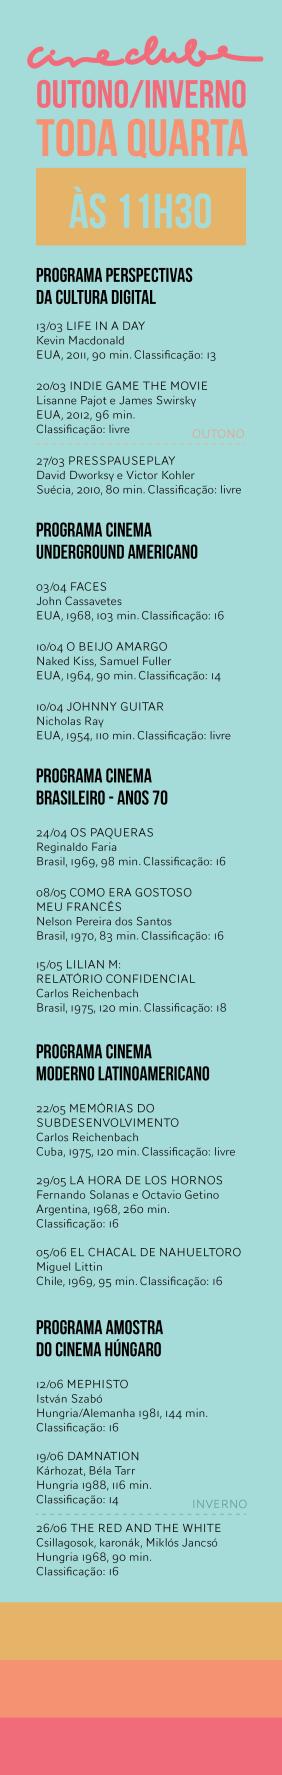 Programação 2013